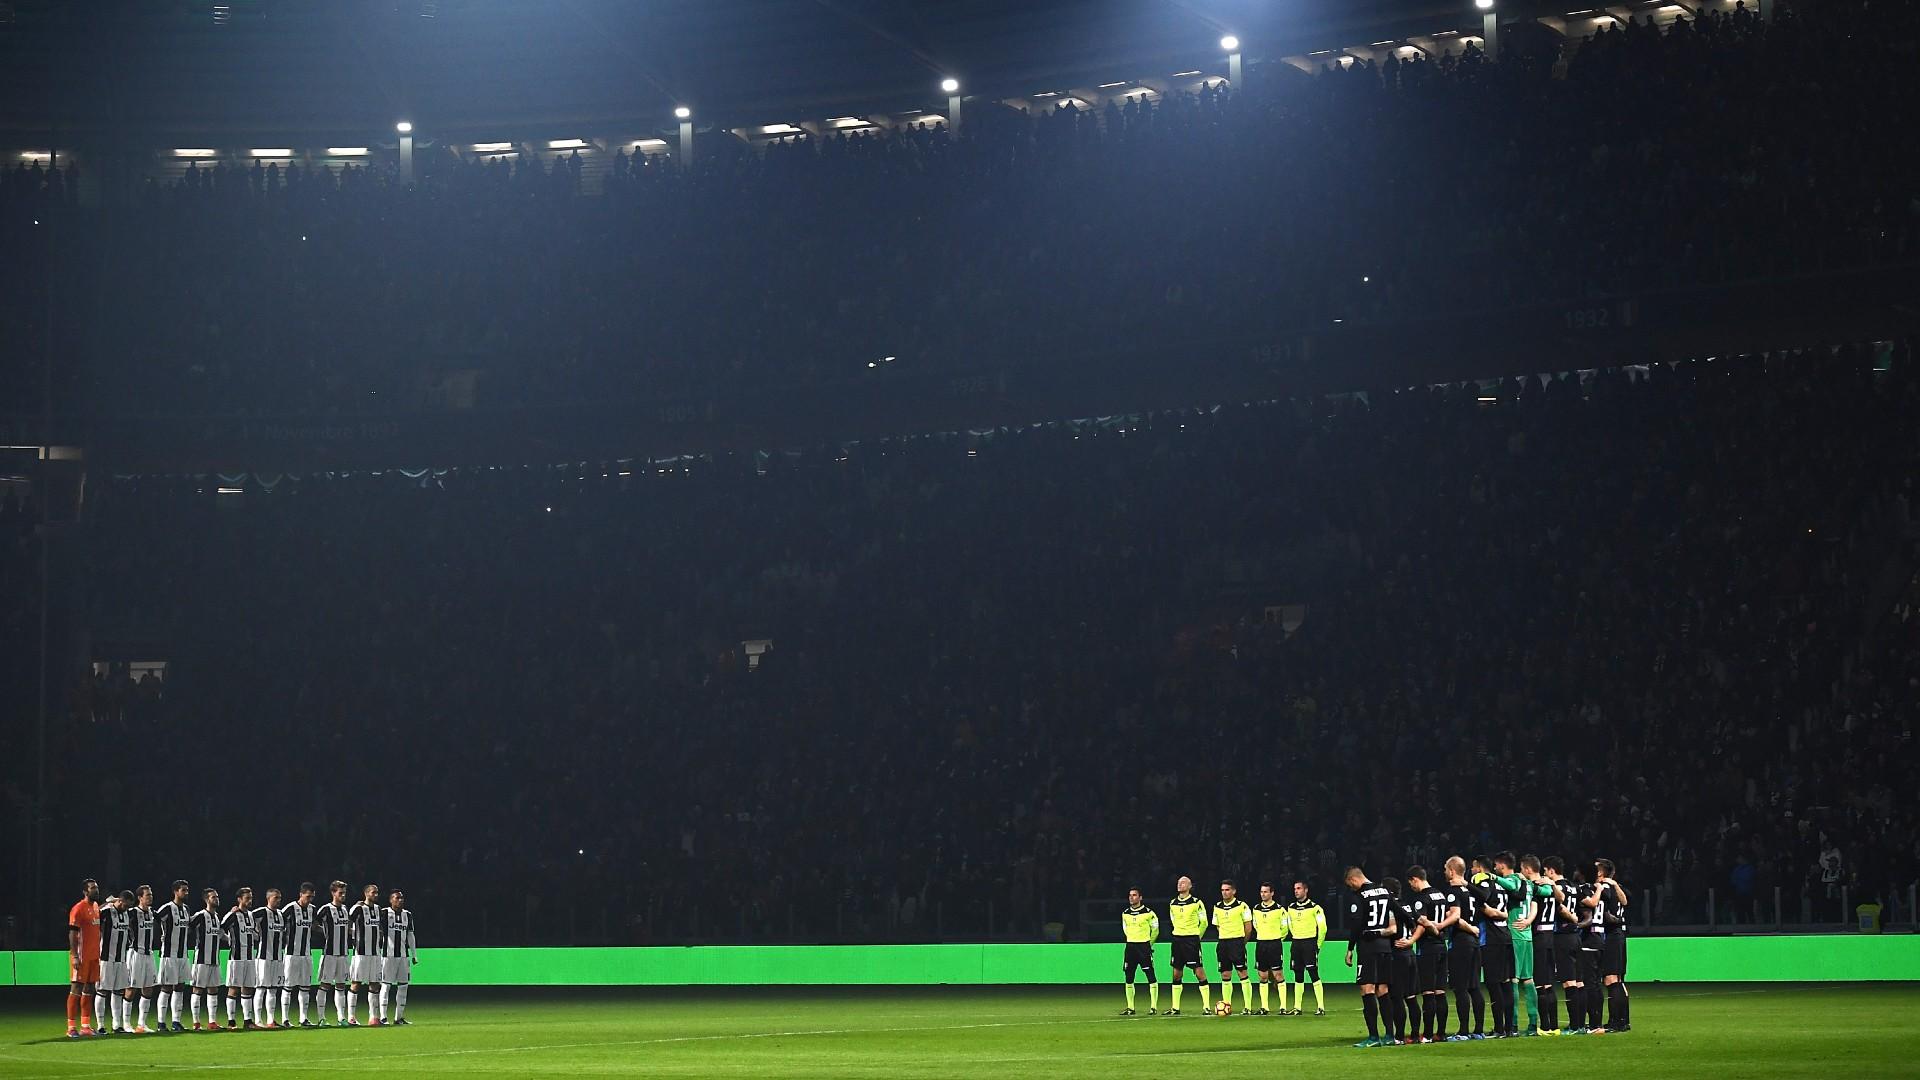 Morte Di Maradona Minuto Di Silenzio Nelle Coppe E In Serie A Goal Com